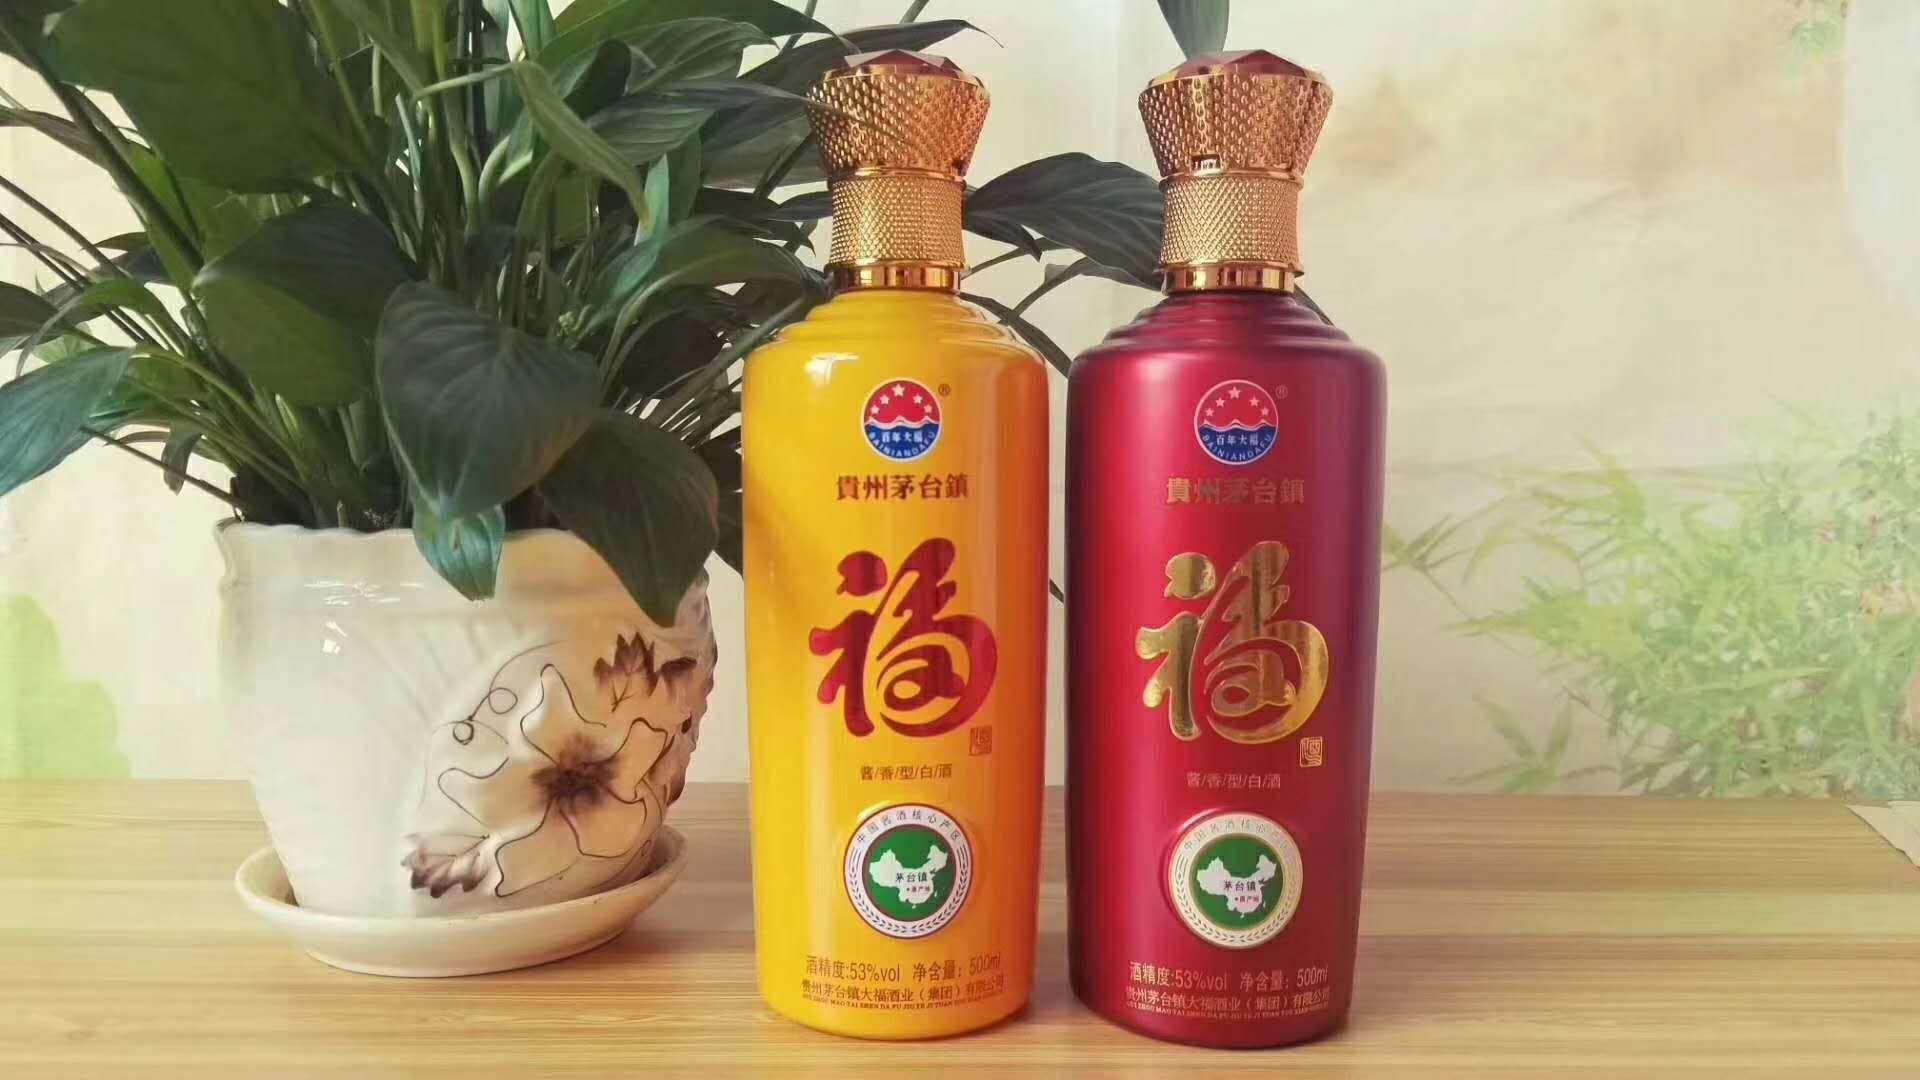 贵州著名酒业百年大福1979的产地在哪